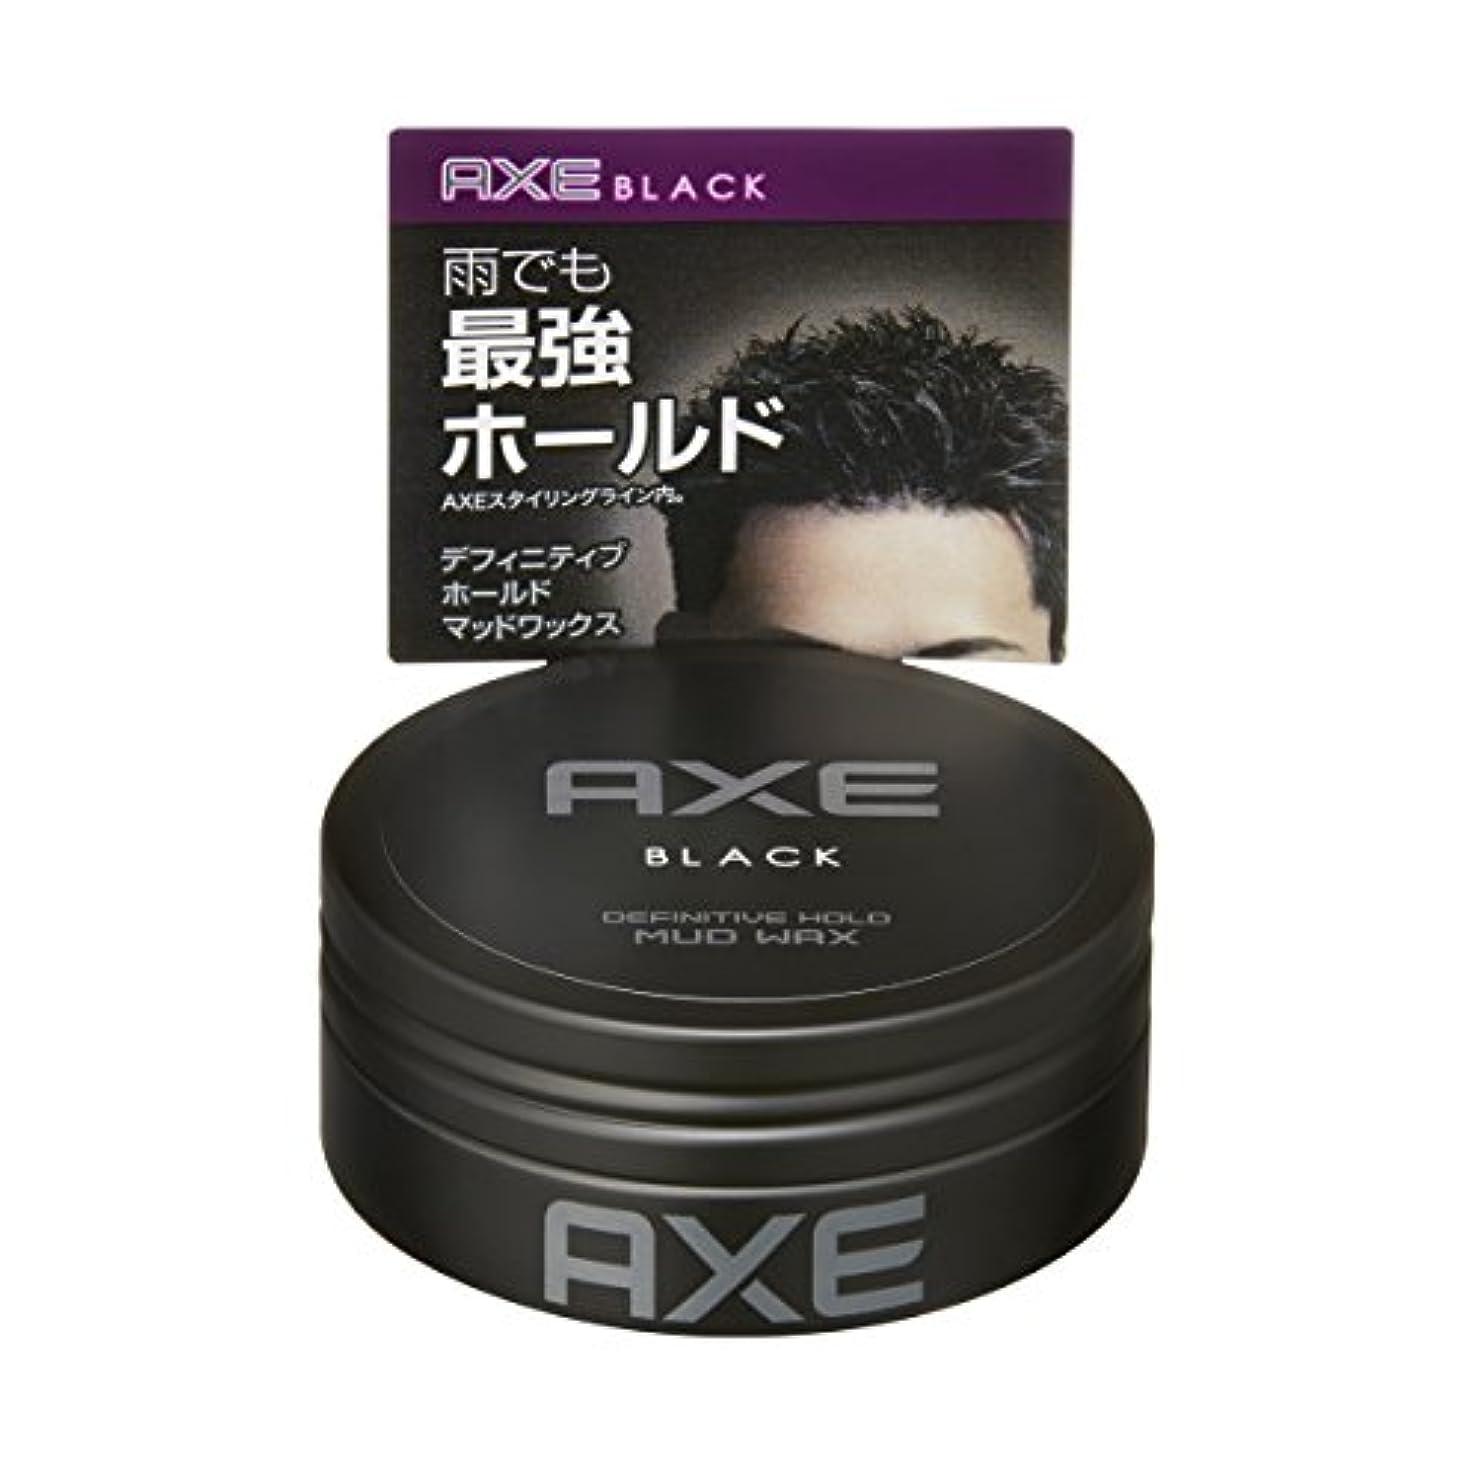 化粧無許可地平線アックス ブラック メンズスタイリング マッドワックス (ハードな立ち上げ) 65g